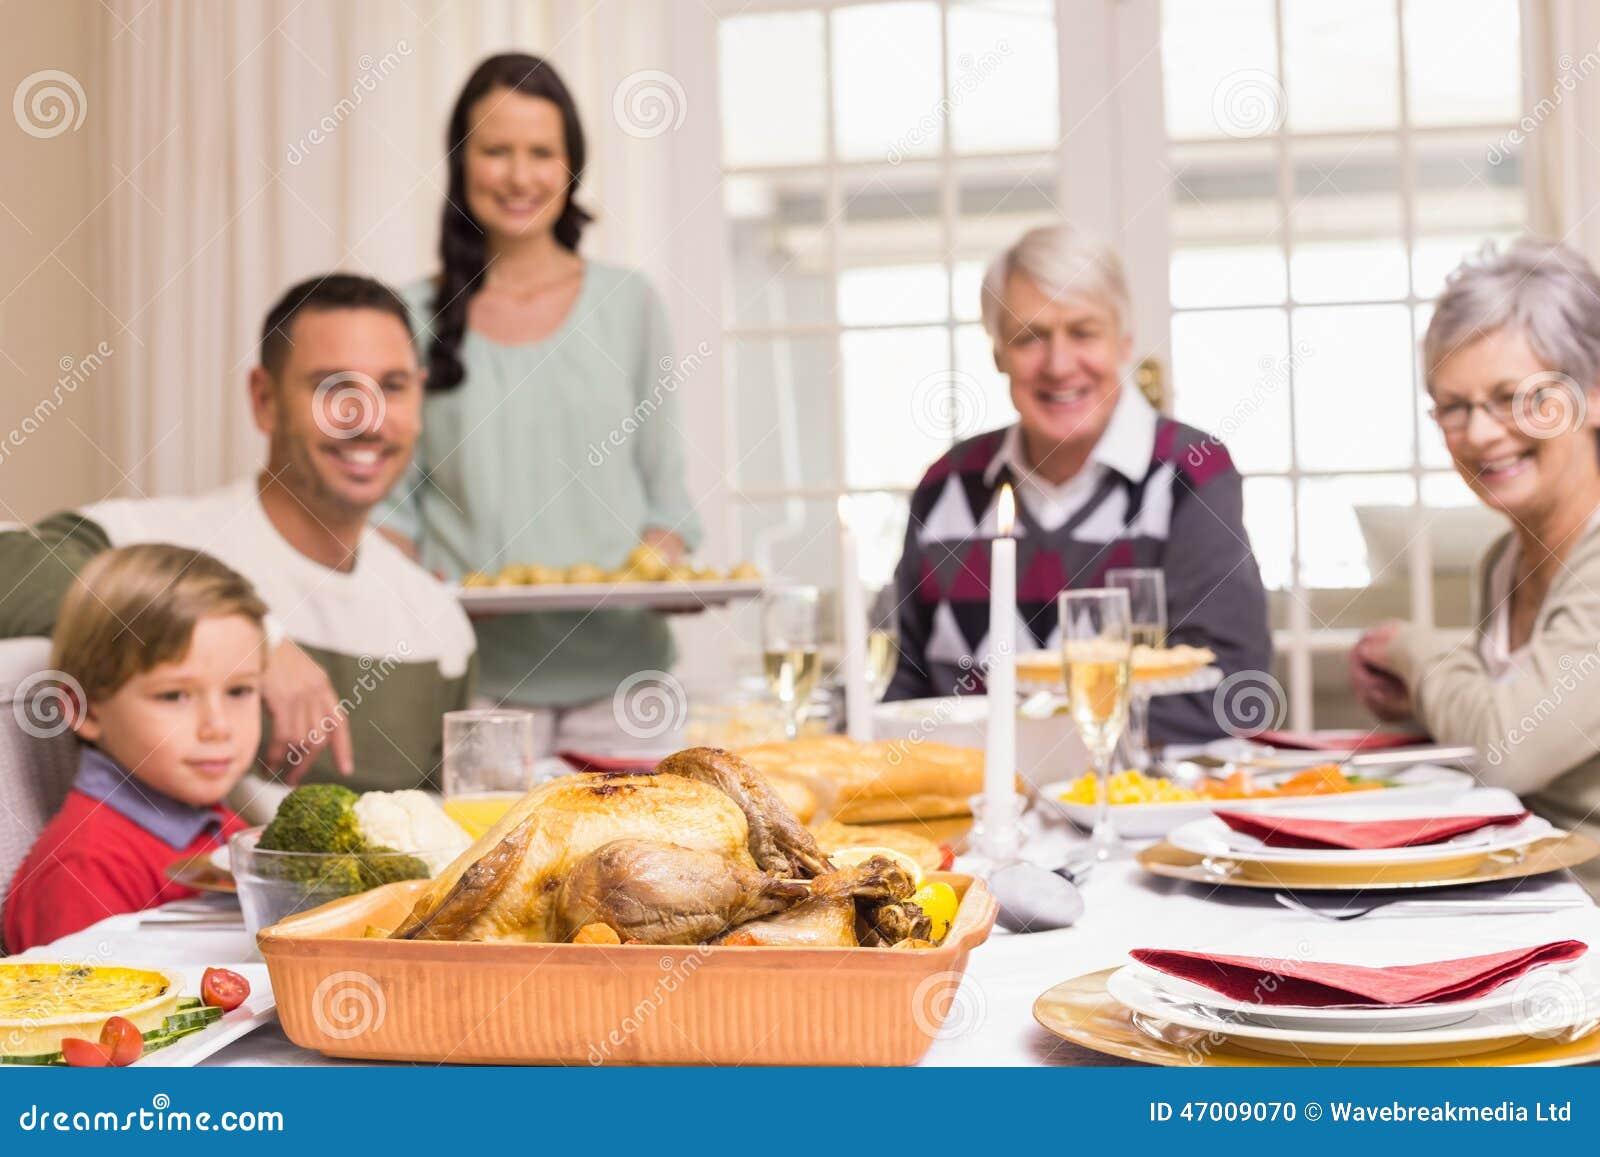 Cena di natale della tenuta della donna con la famiglia alla tavola dinning fotografia stock - Alla tavola della longevita ...